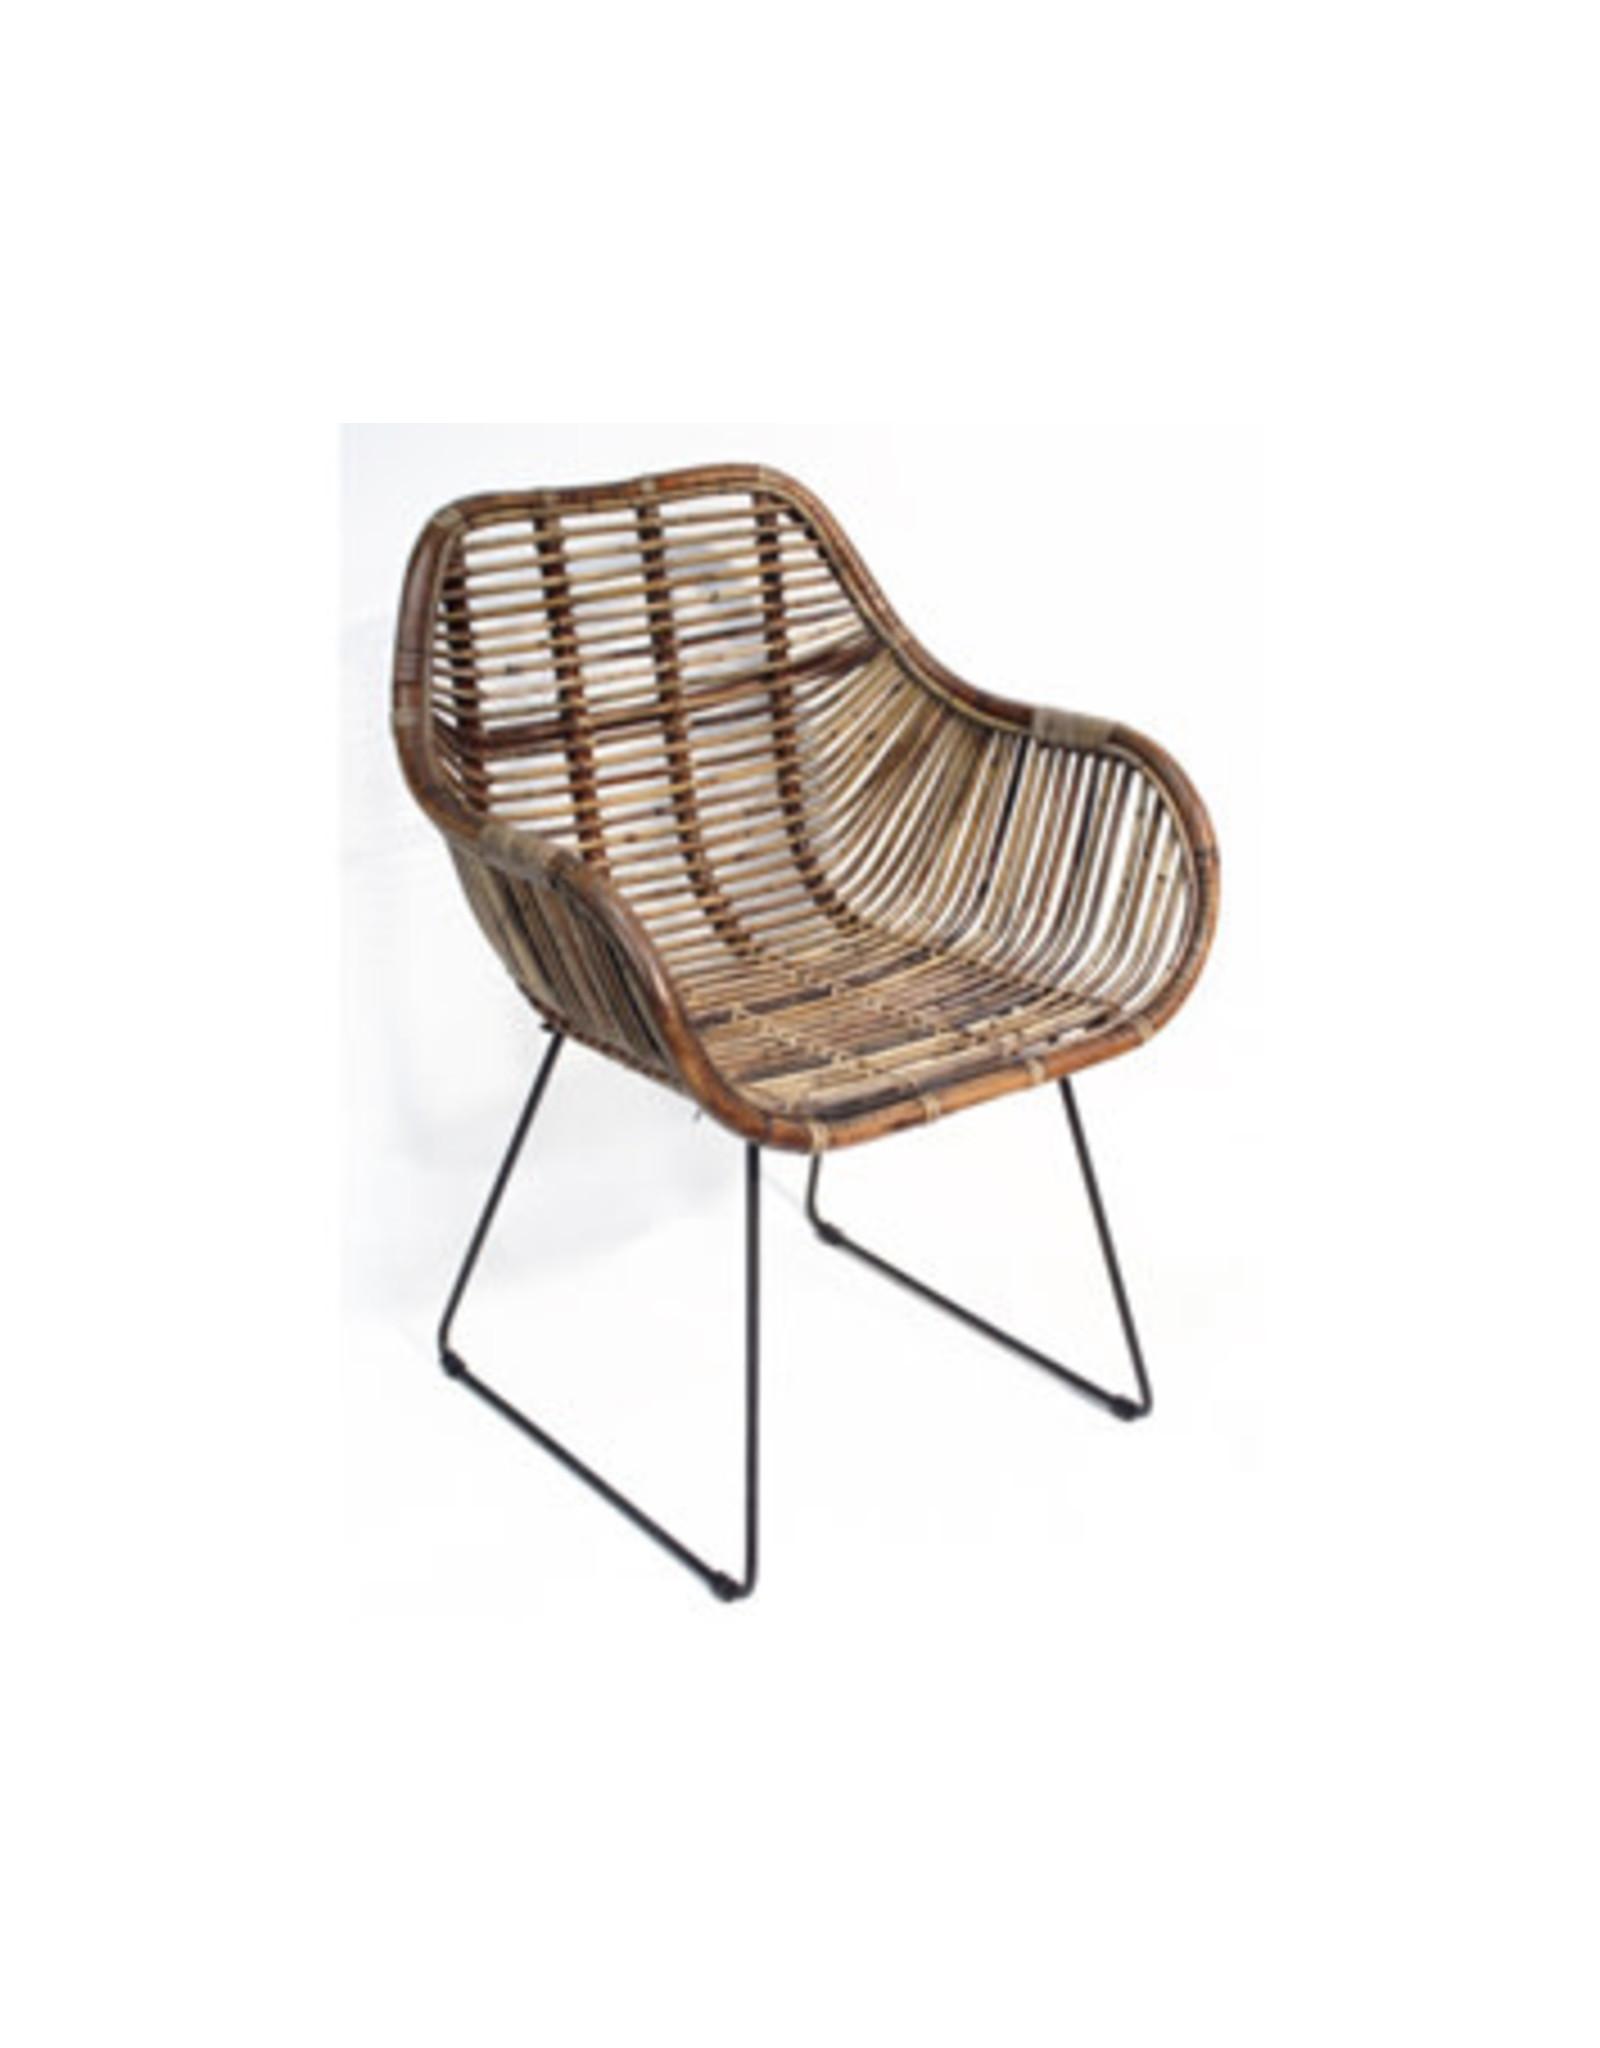 Van der Leeden Mandwerk Dining Chair Rattan/Iron 65X58Xh88cm